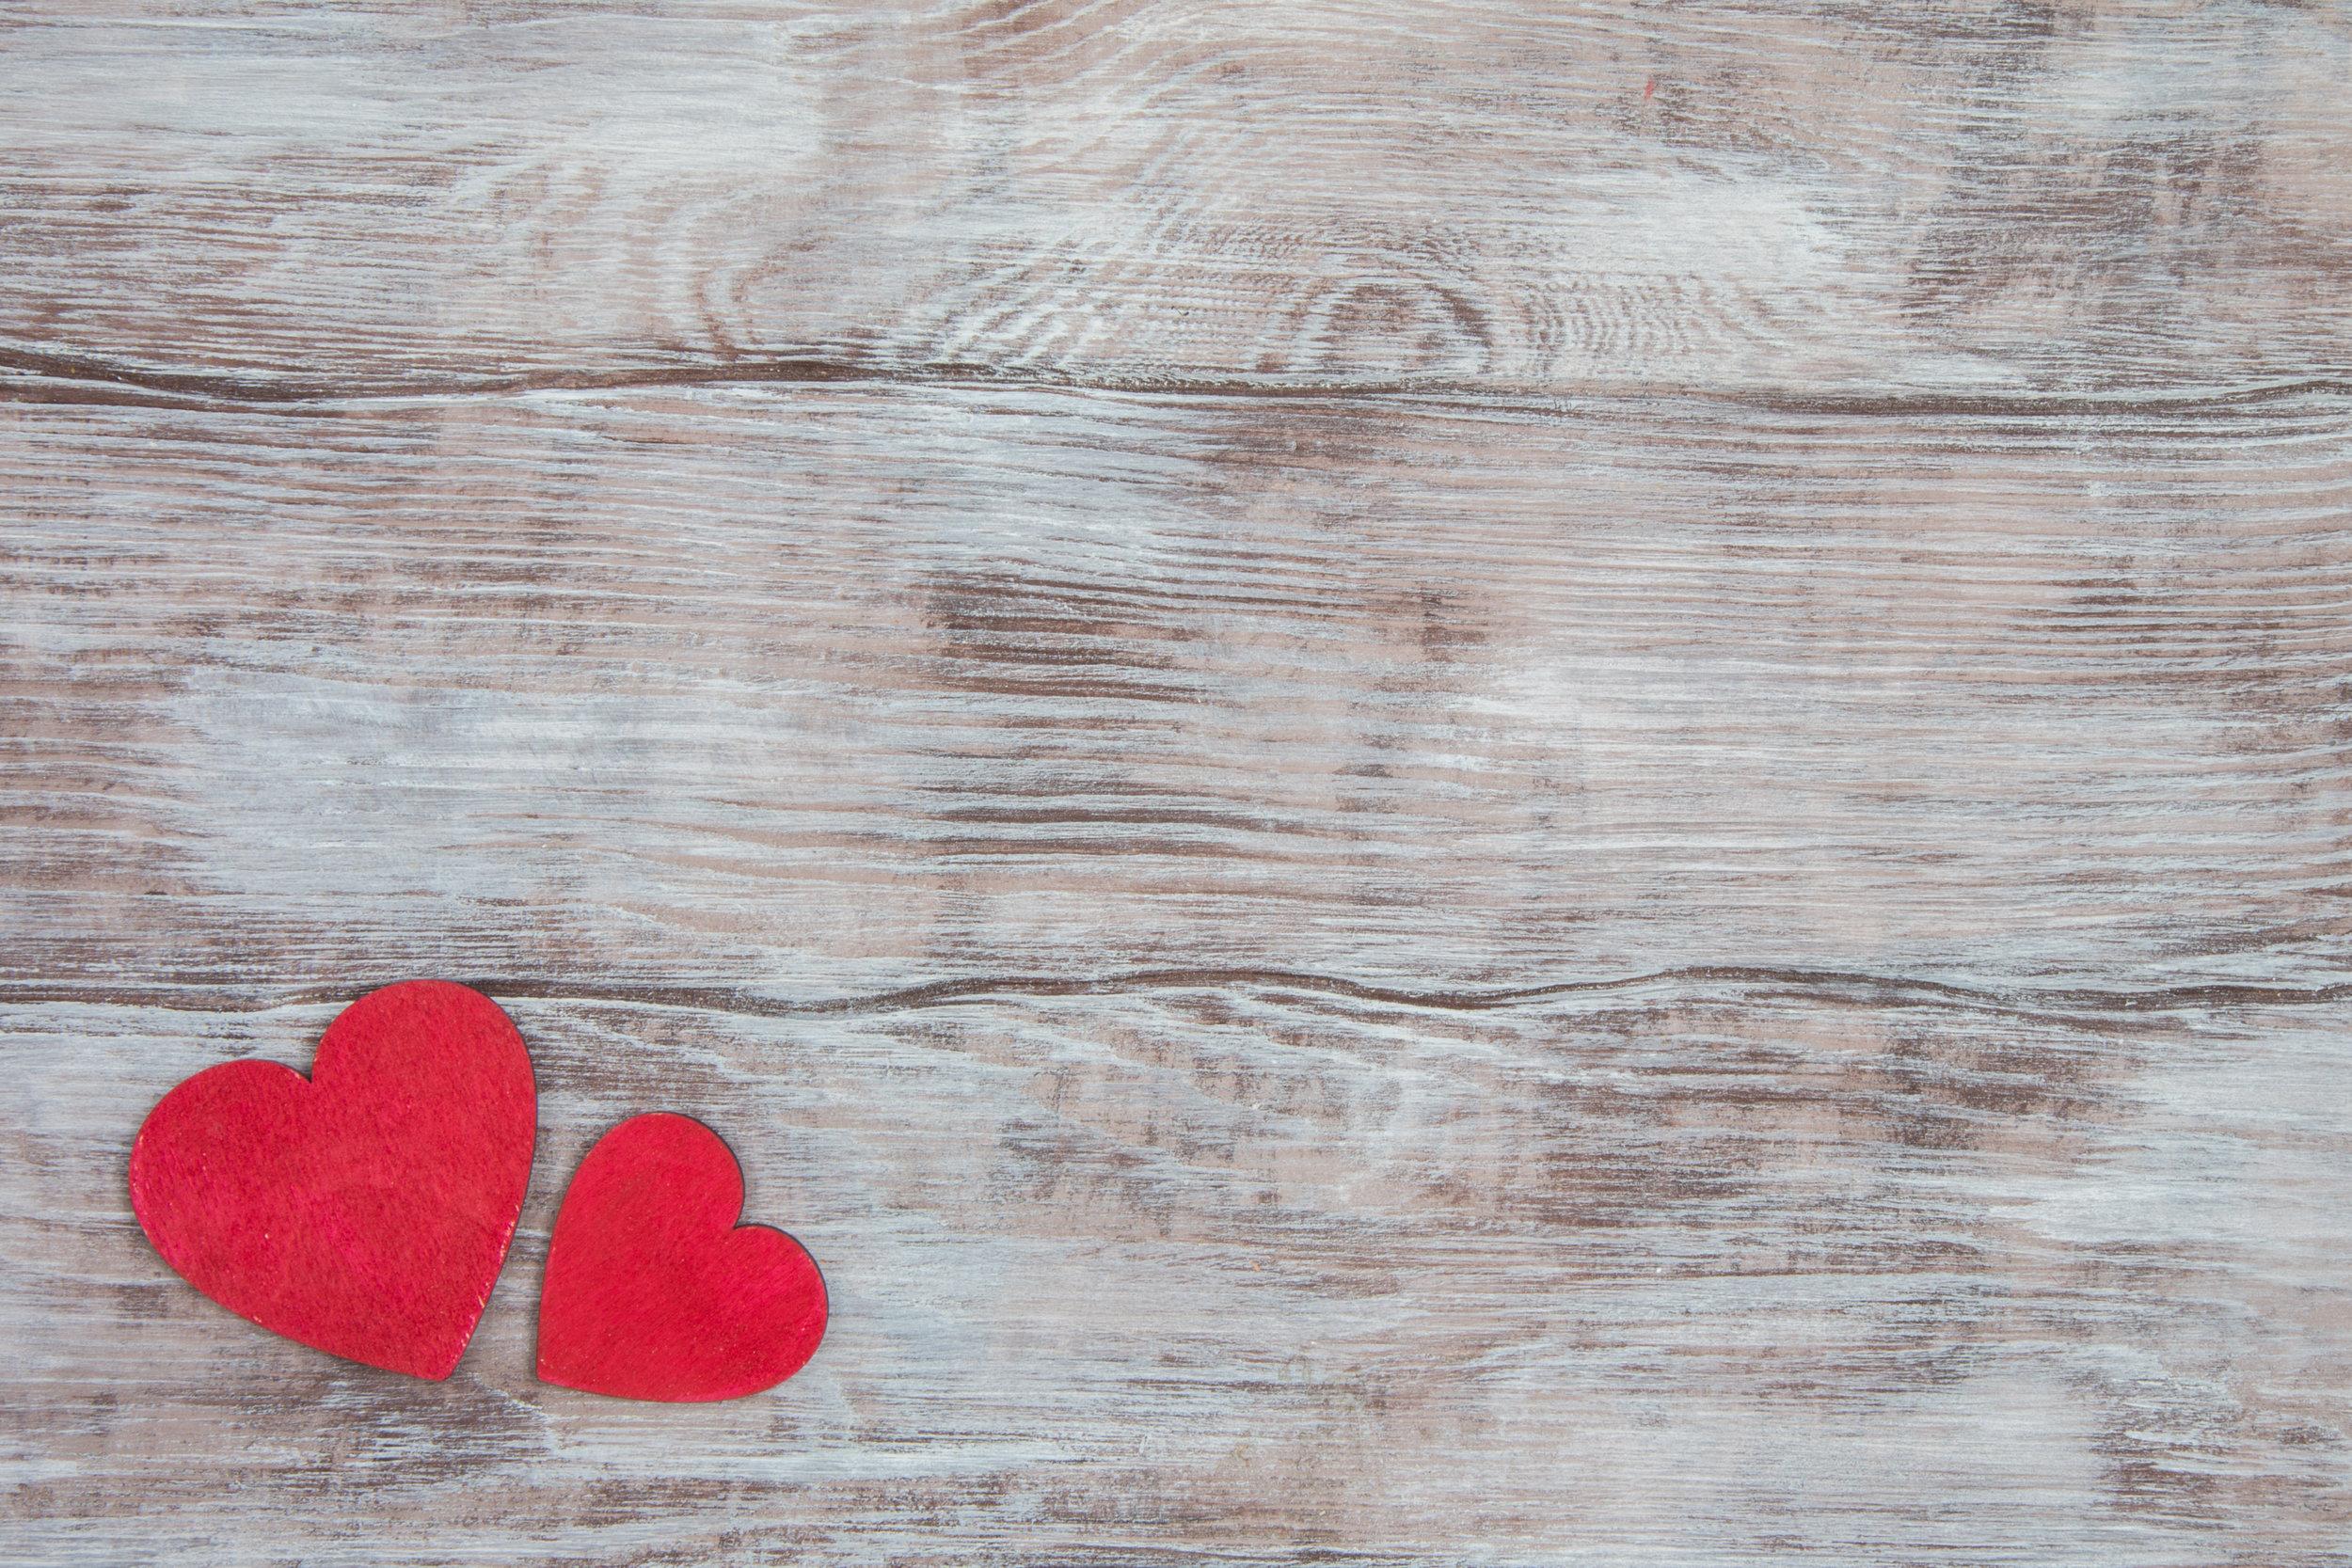 valentine's day heart on wood.jpg